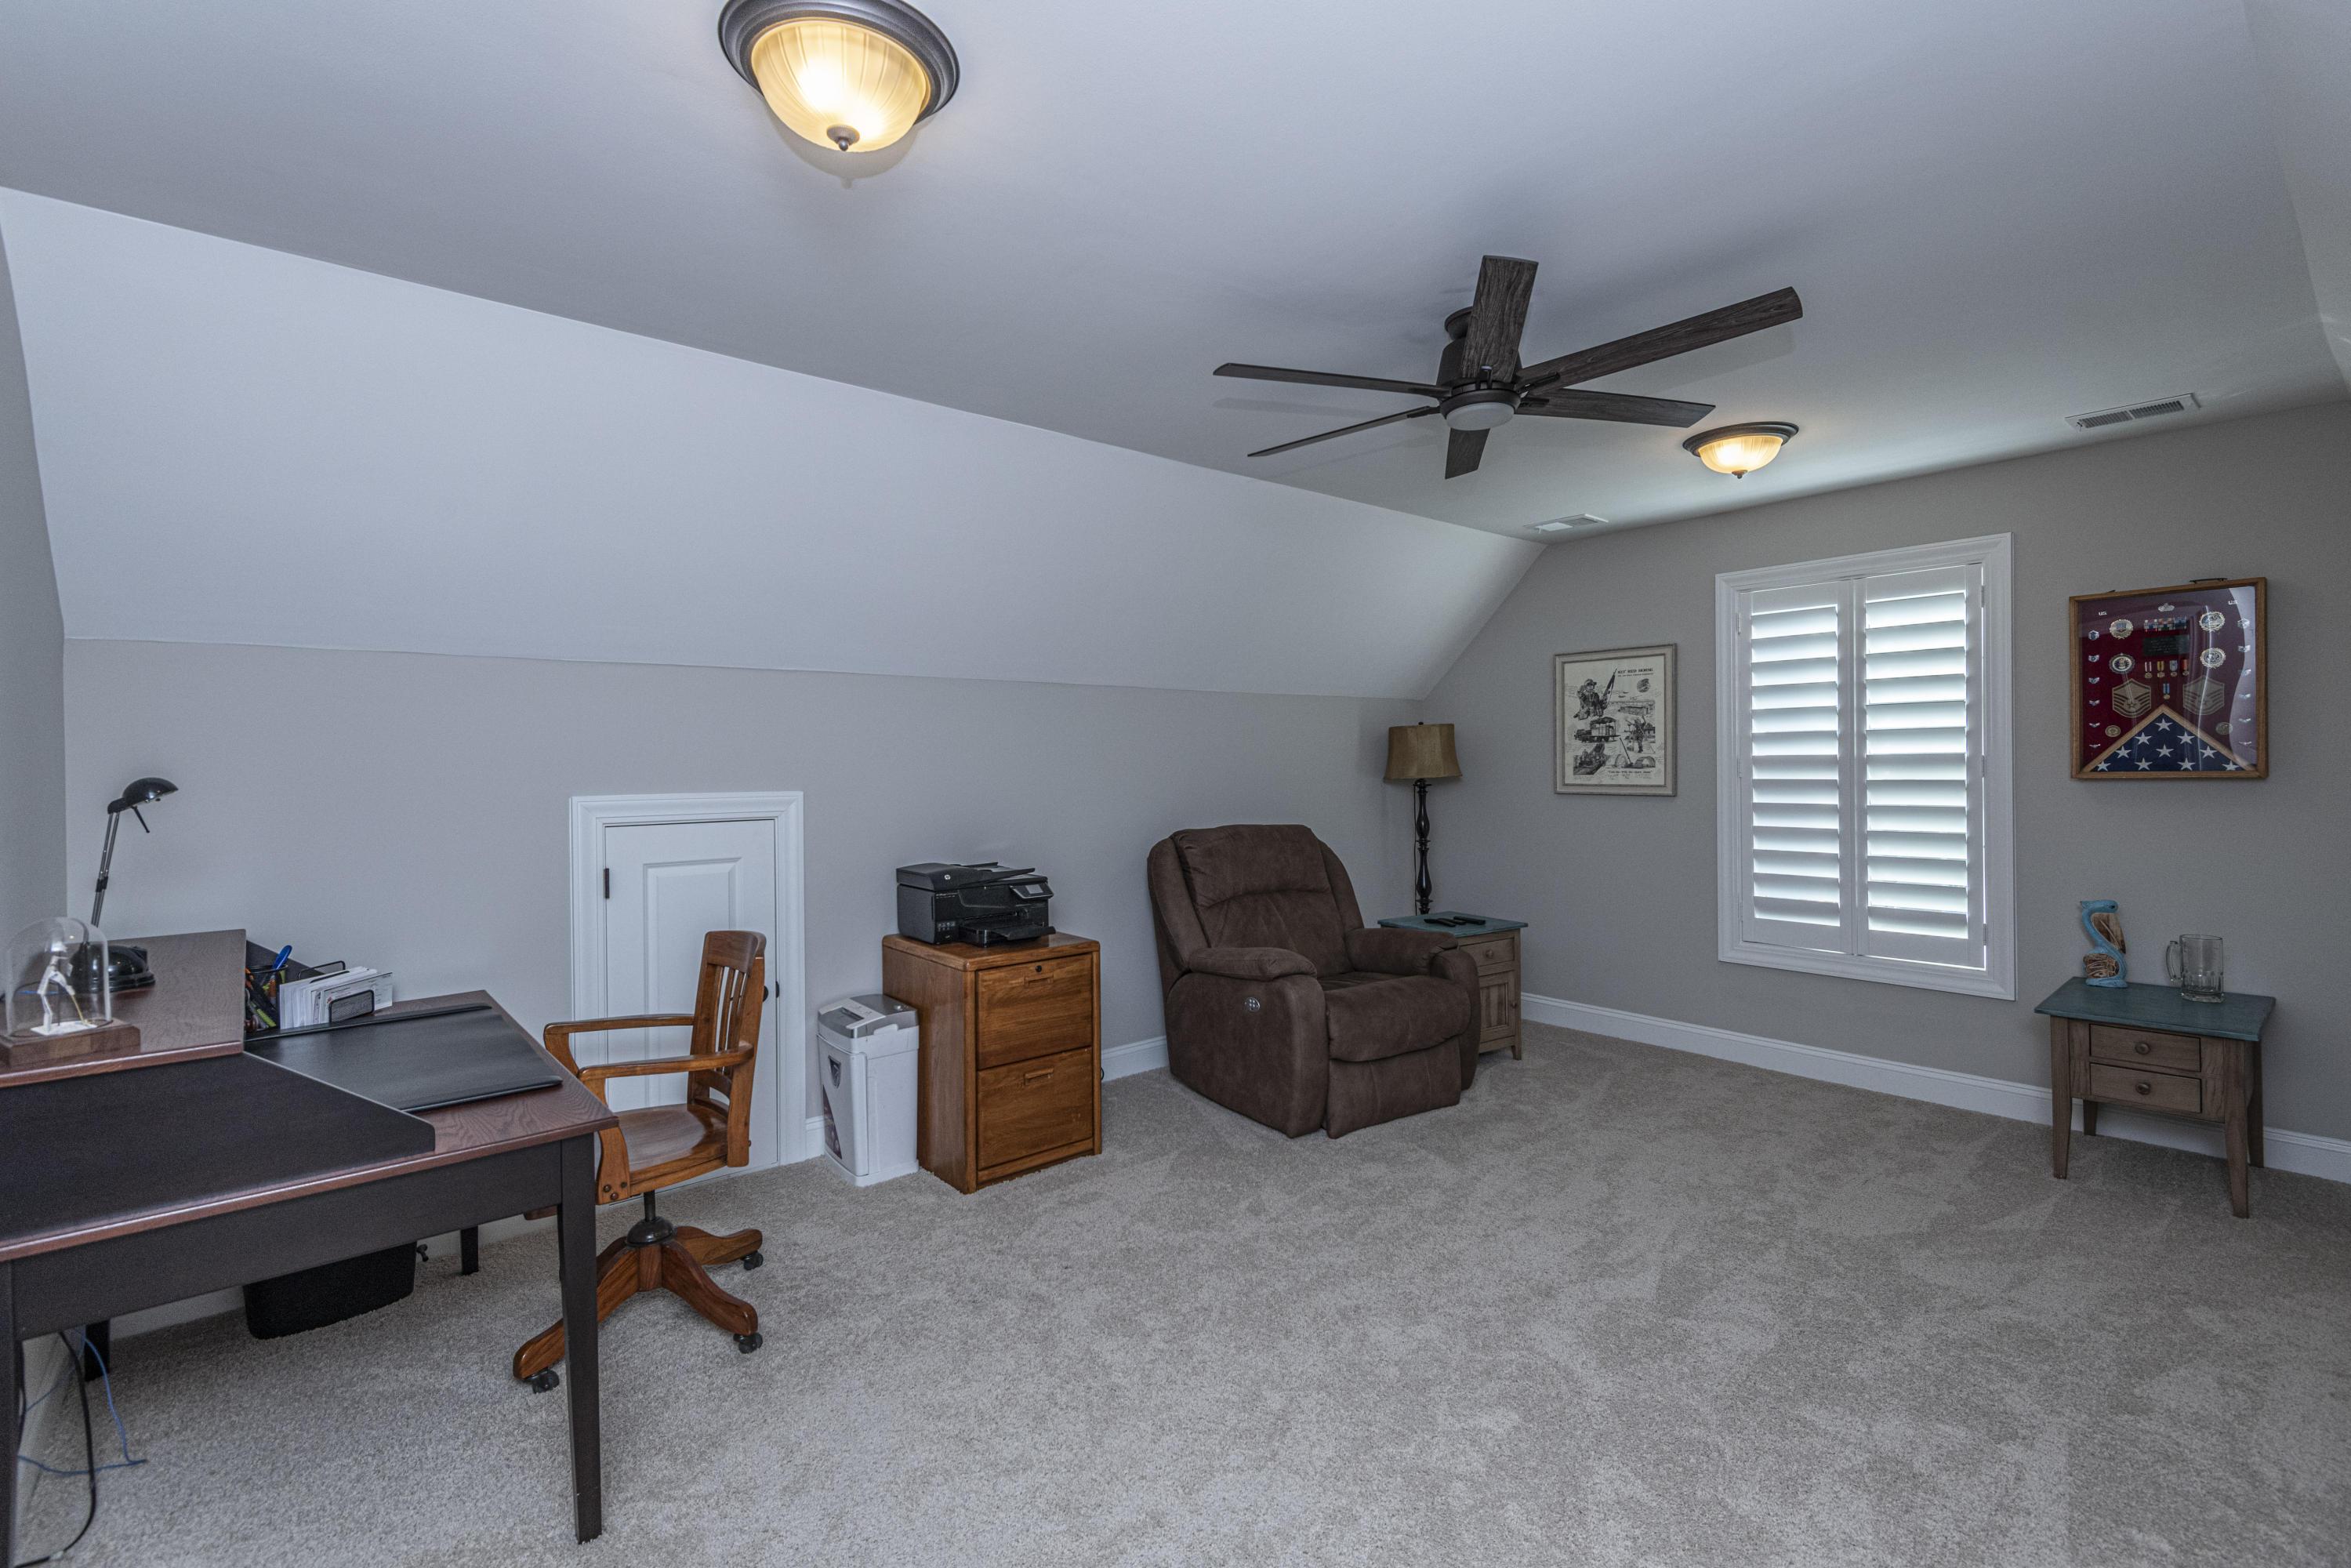 Park West Homes For Sale - 2667 Park West, Mount Pleasant, SC - 5